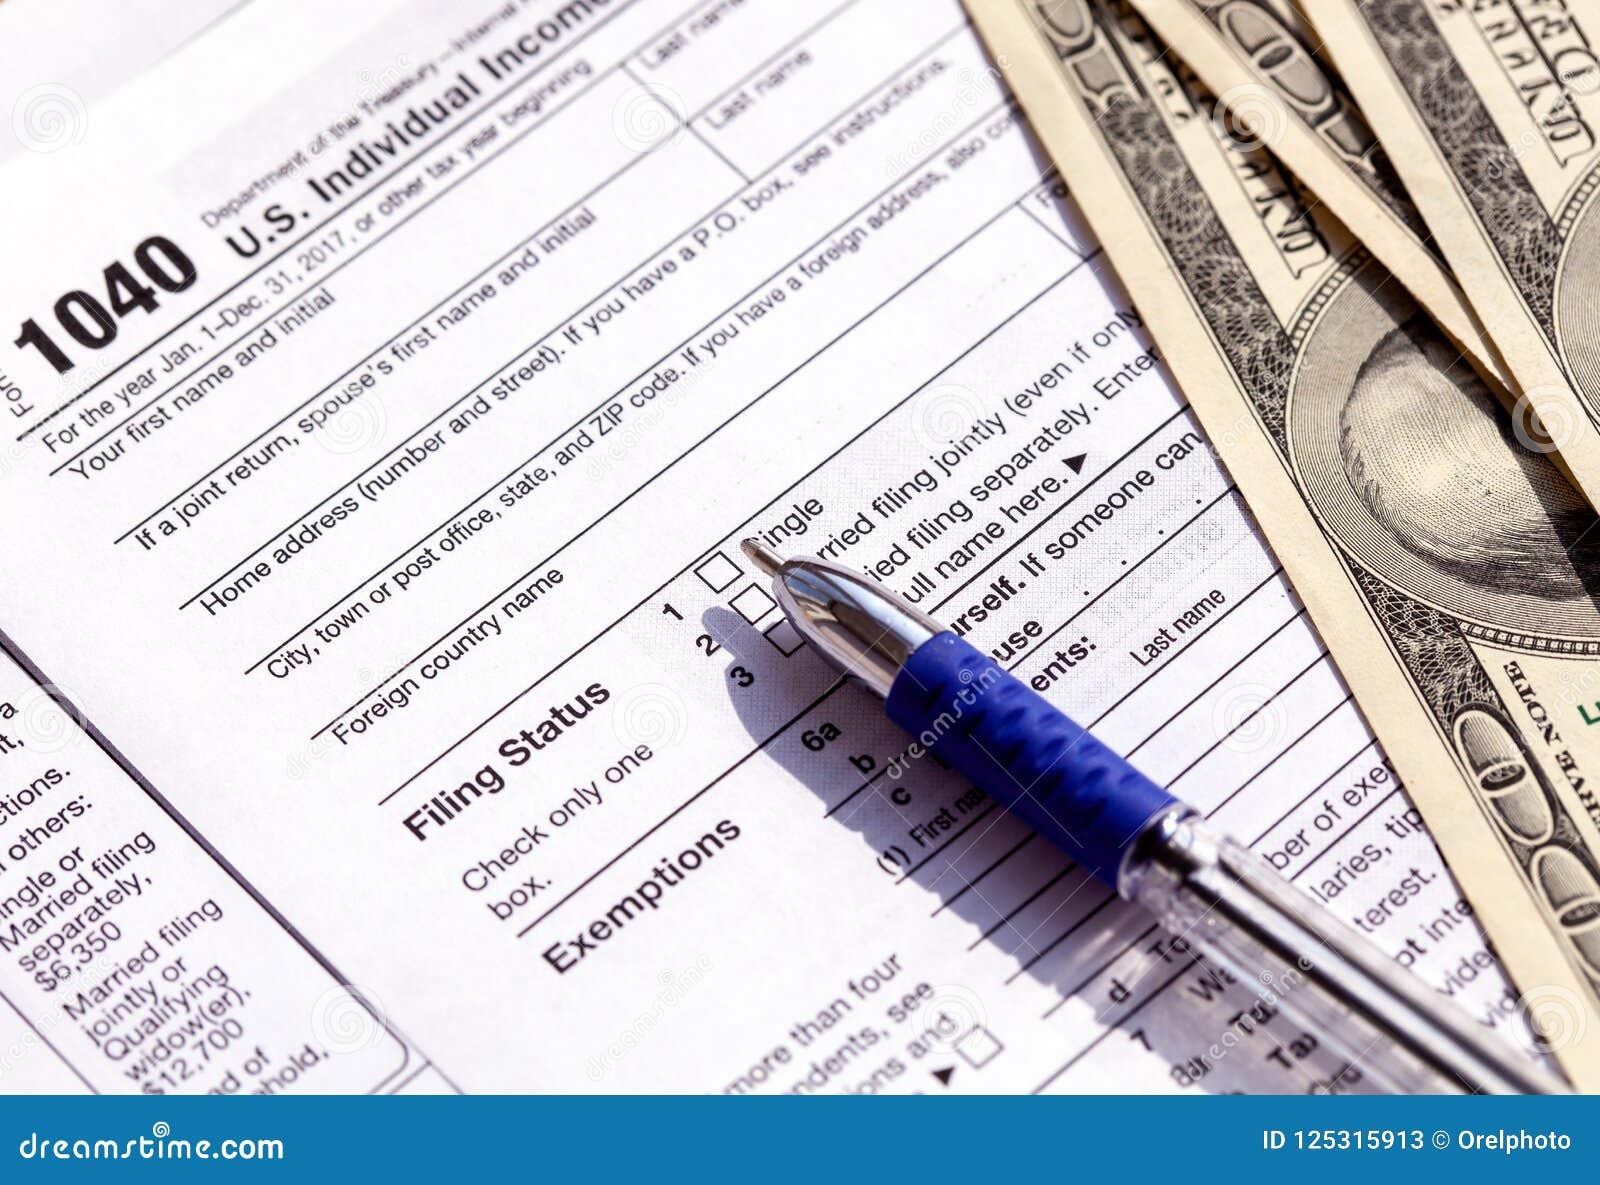 Van de van de de Belastingsvorm, pen en dollar van de V.S. 1040 rekeningen Concept belastingsterugbetaling